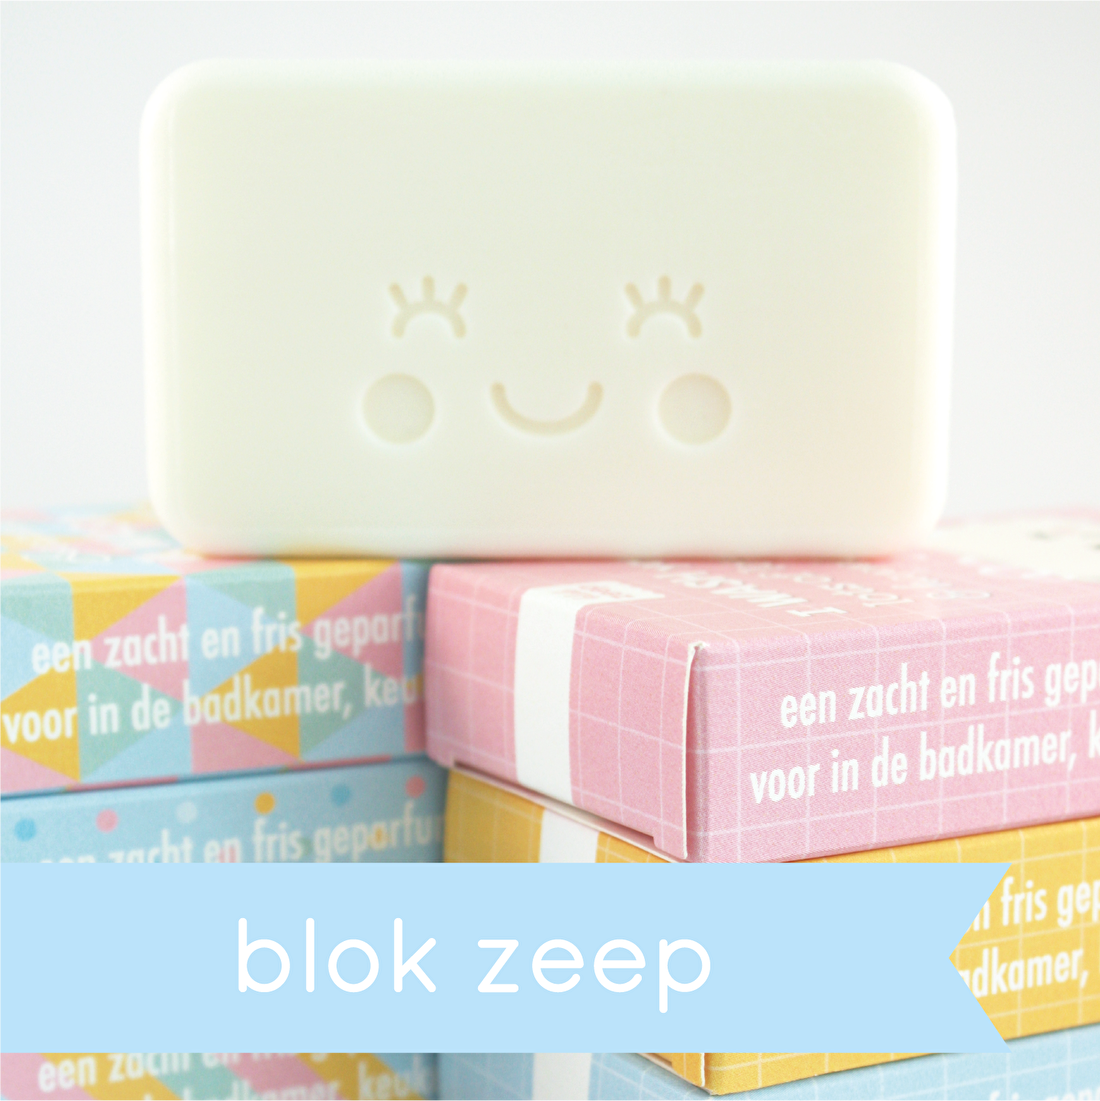 blok zeep in vrolijke verpakking